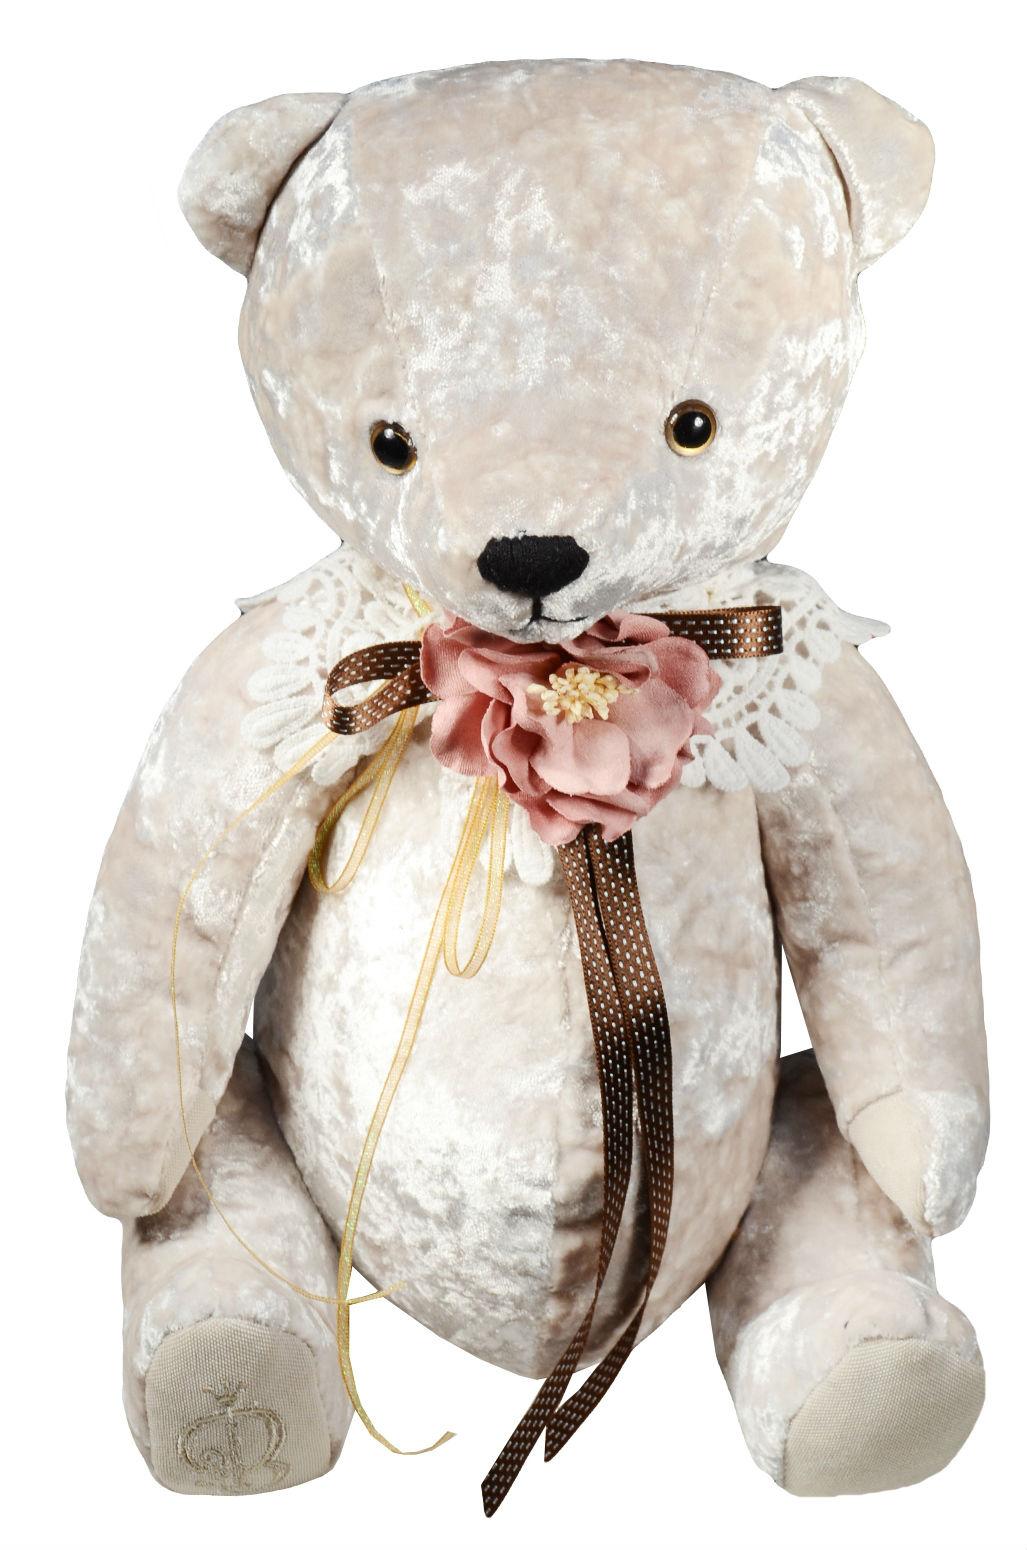 Мягкая игрушка Медведь БернАрт белый (30 см)